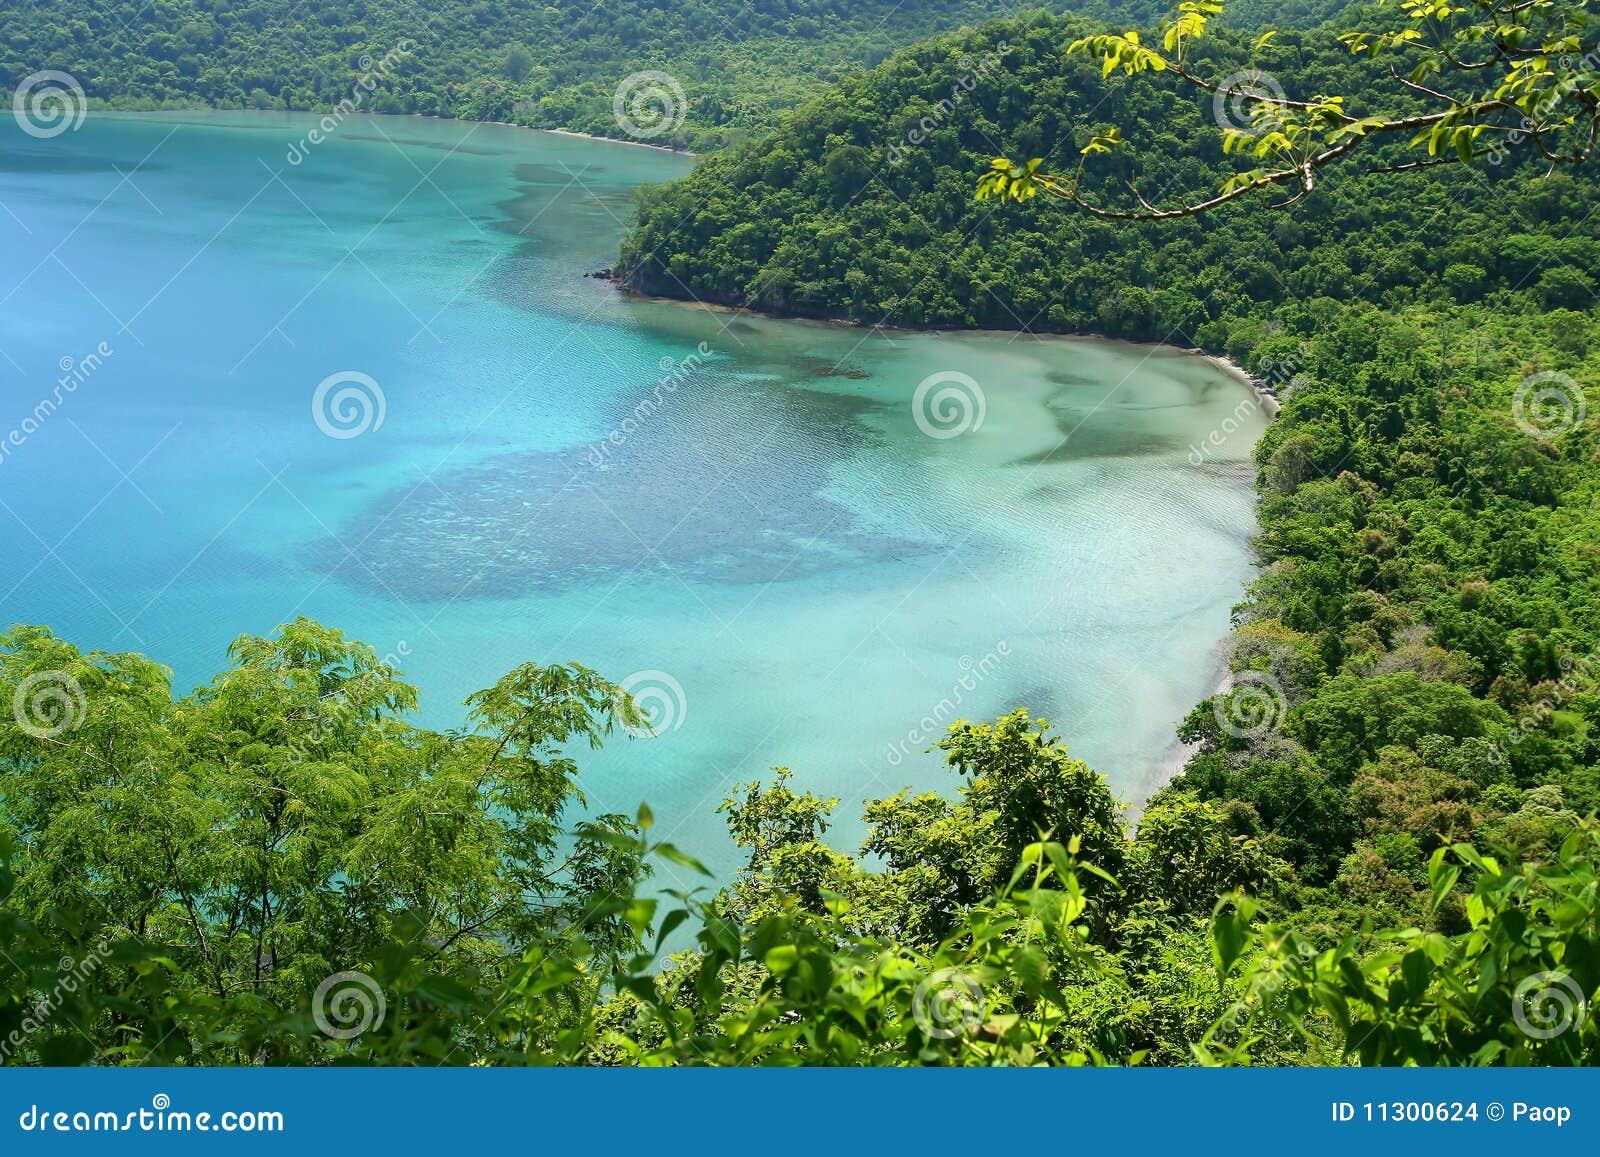 Lagune im Dschungel